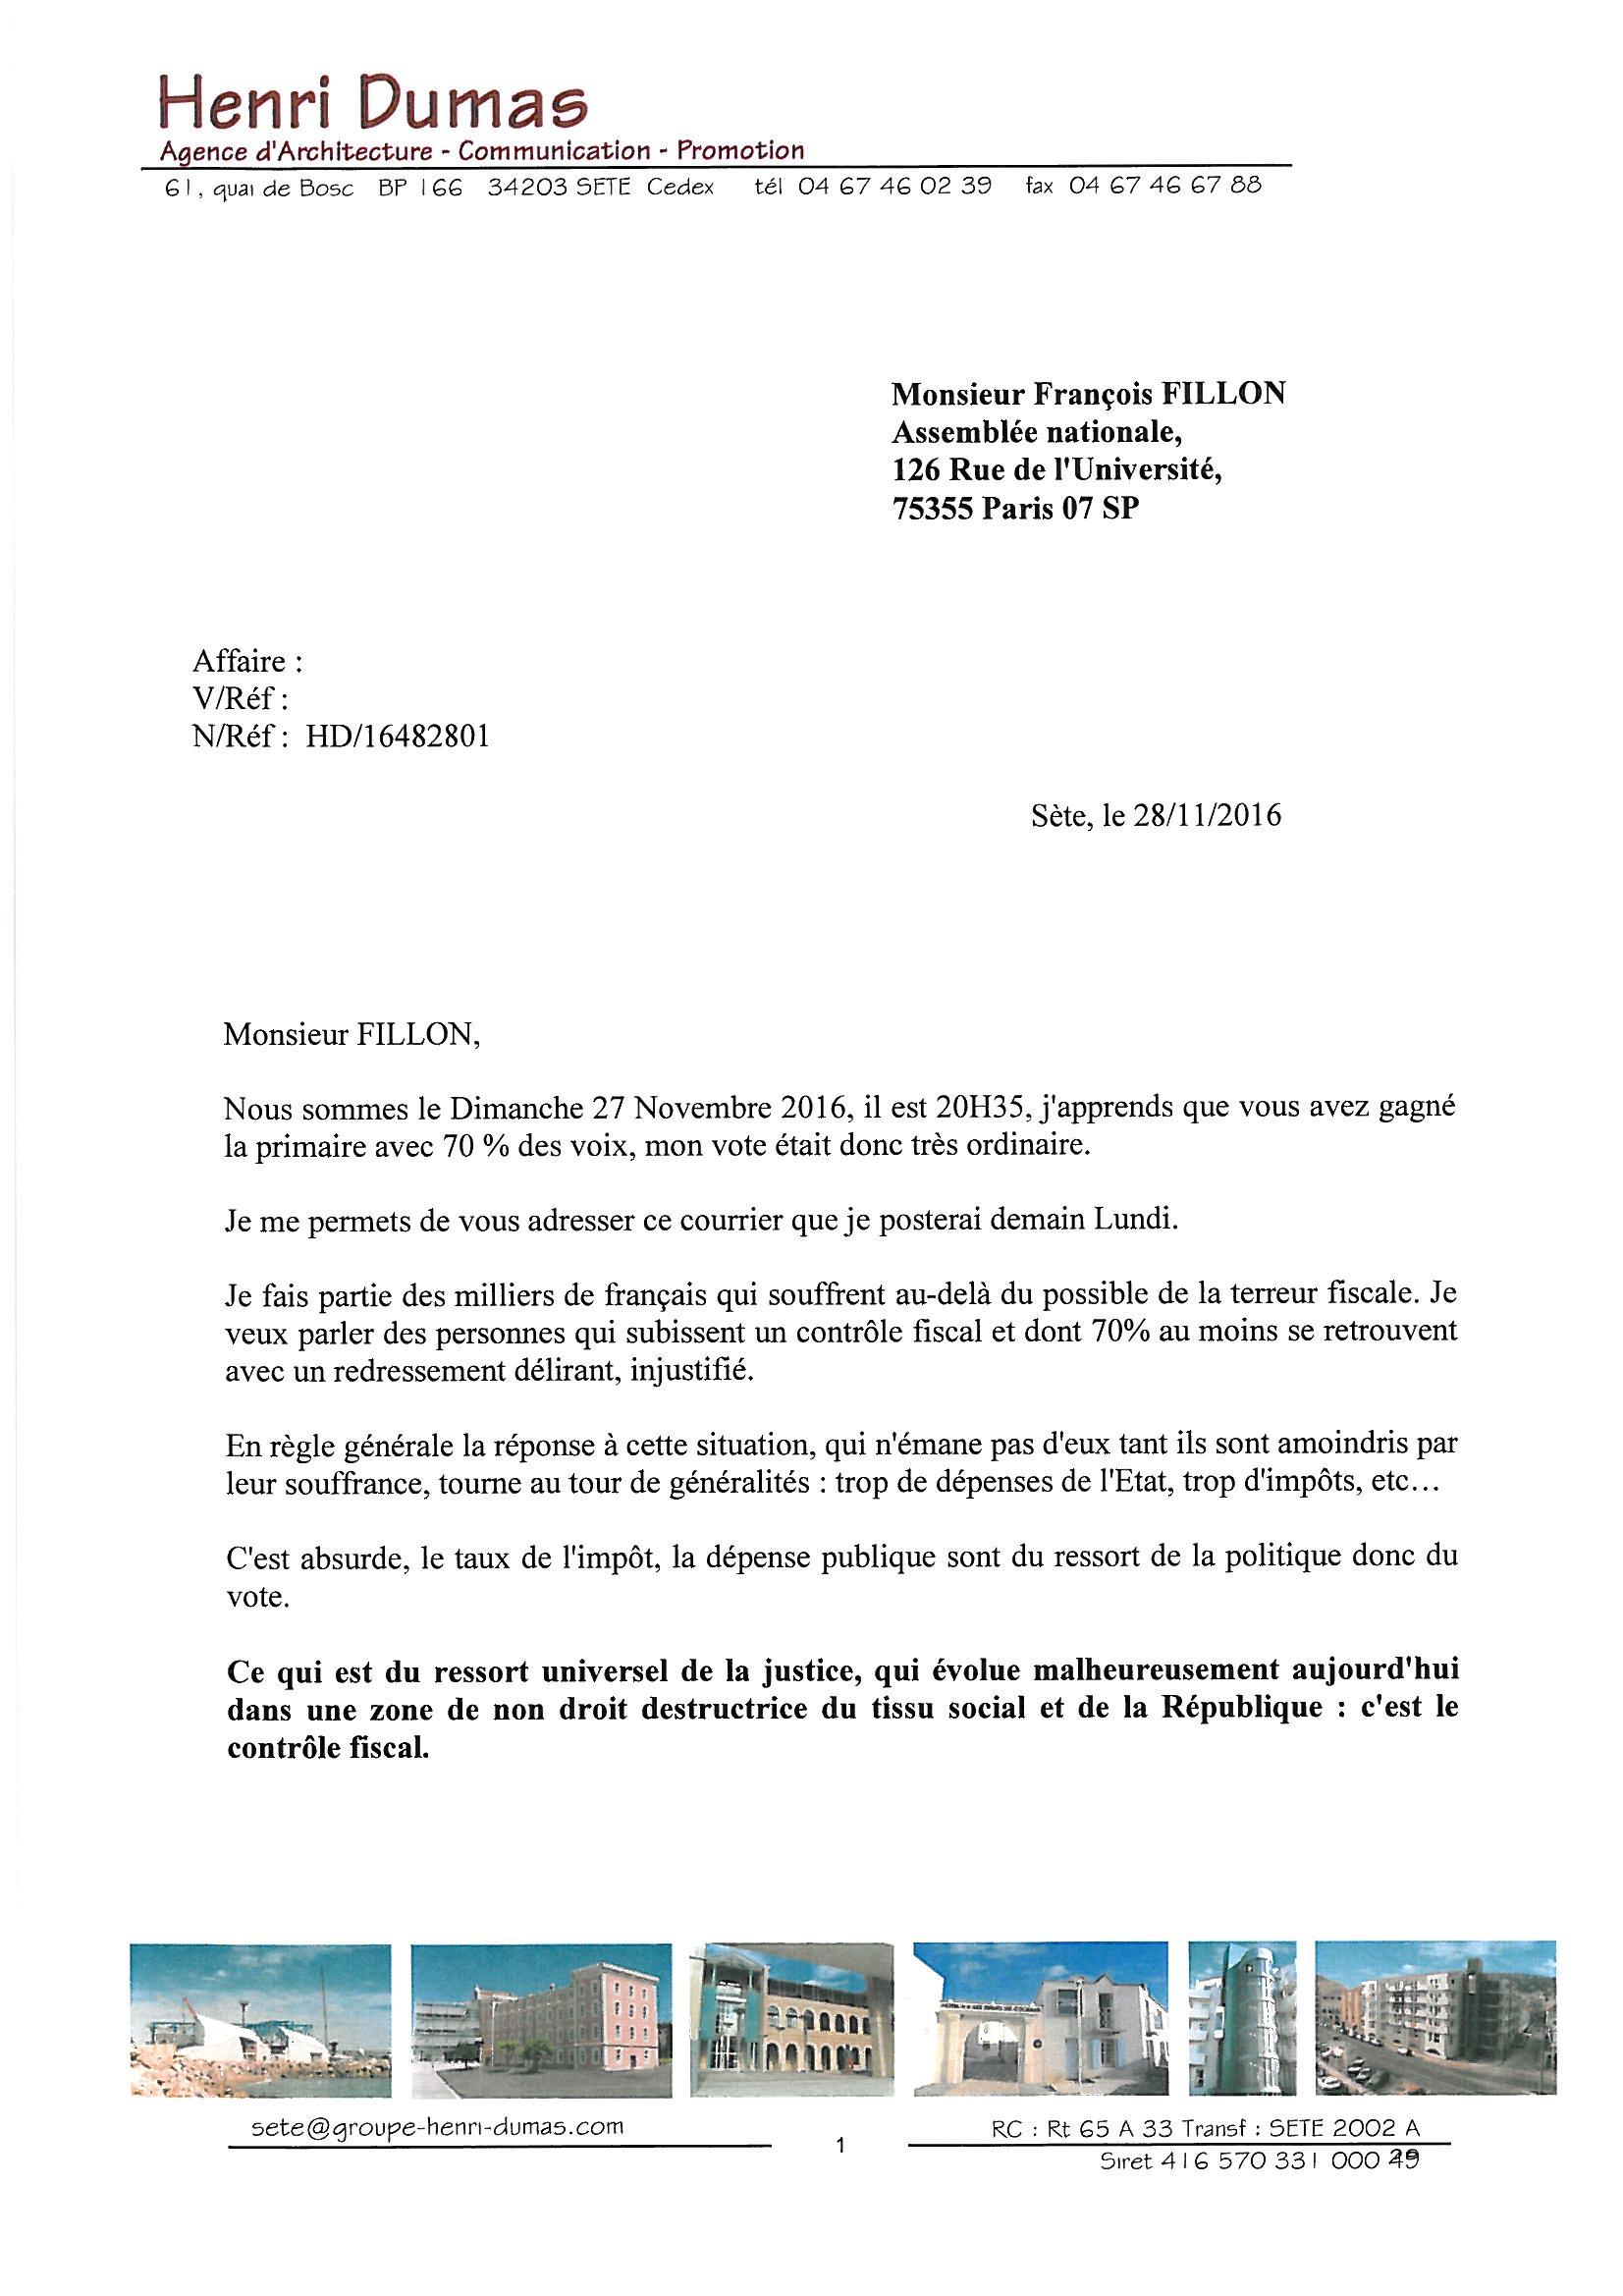 lettre-m-fillon-p1